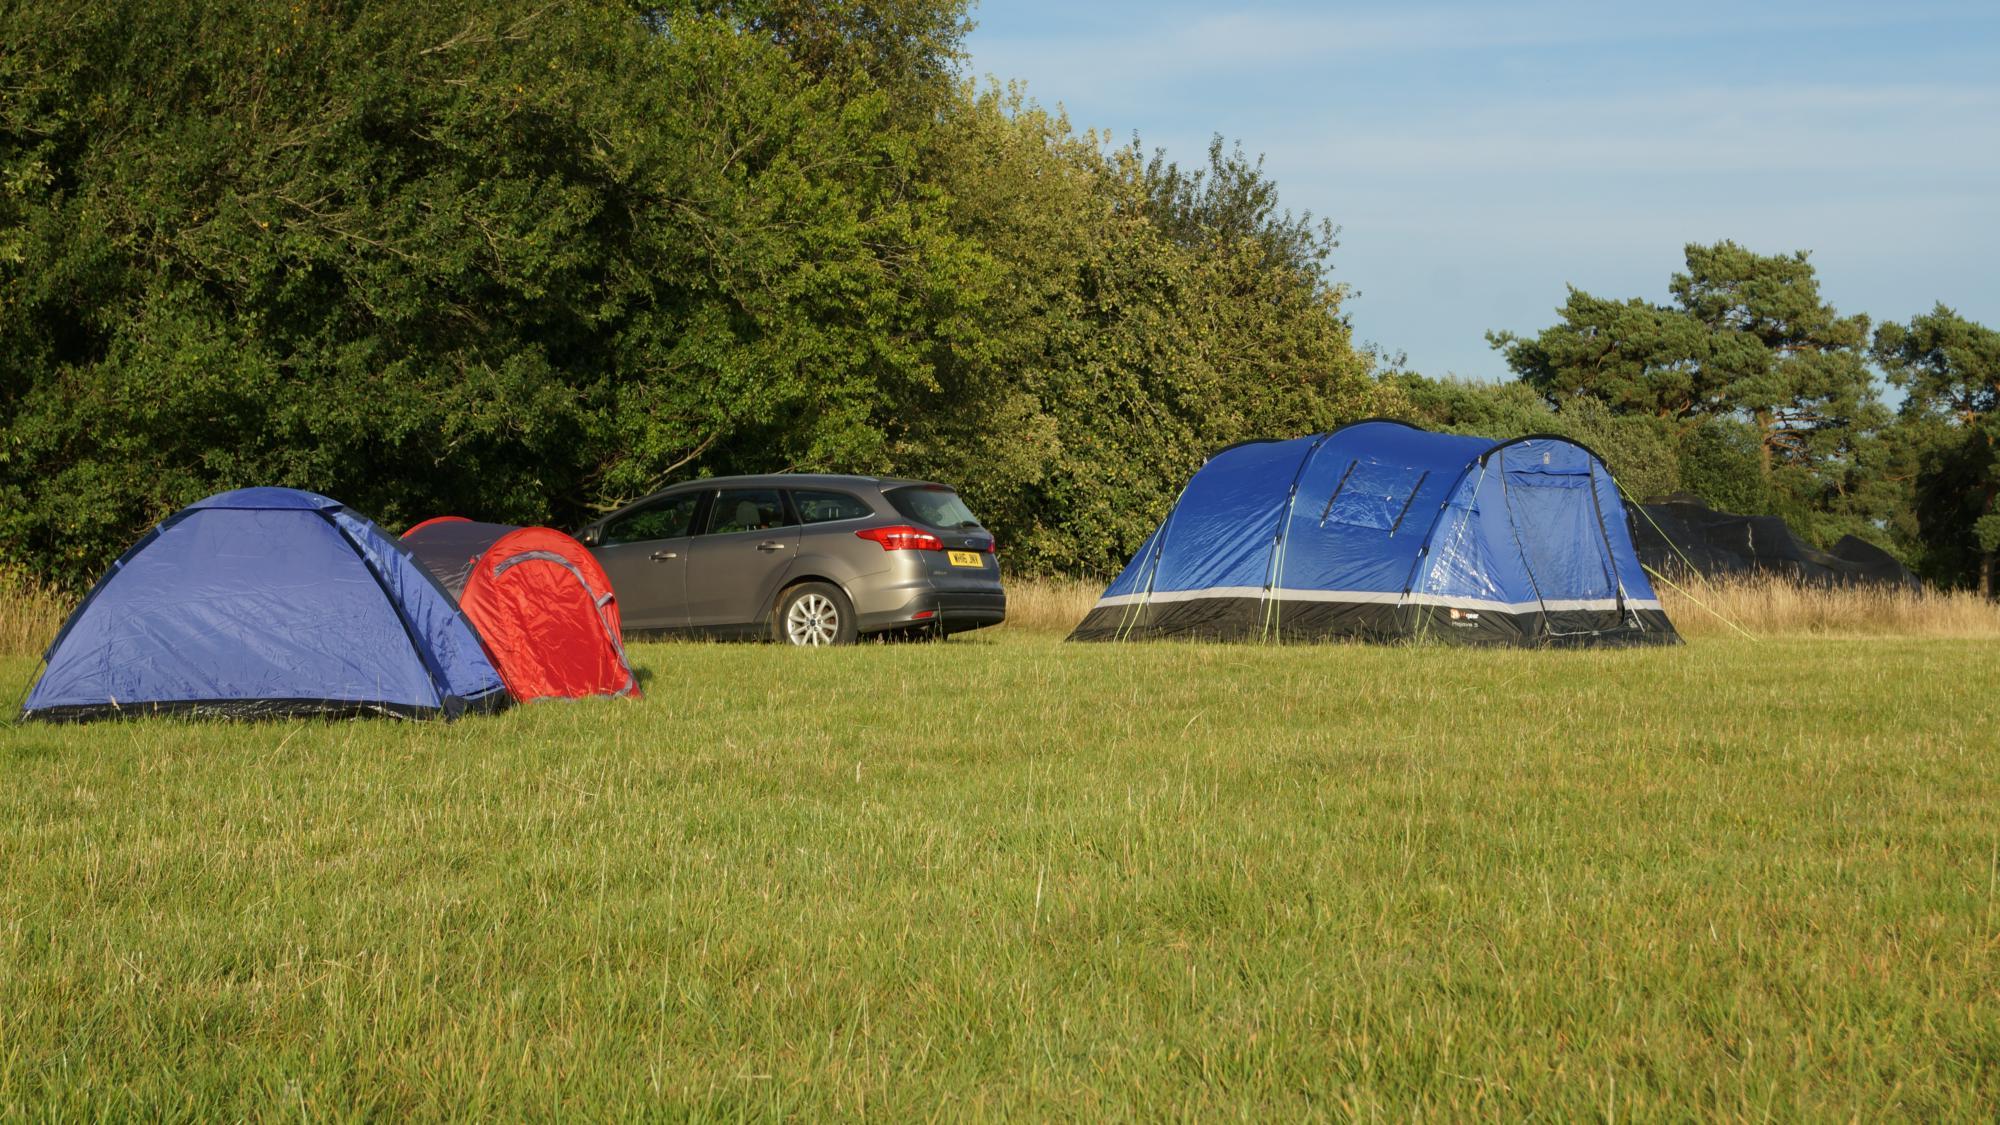 Campsites in Hampshire – I Love This Campsite